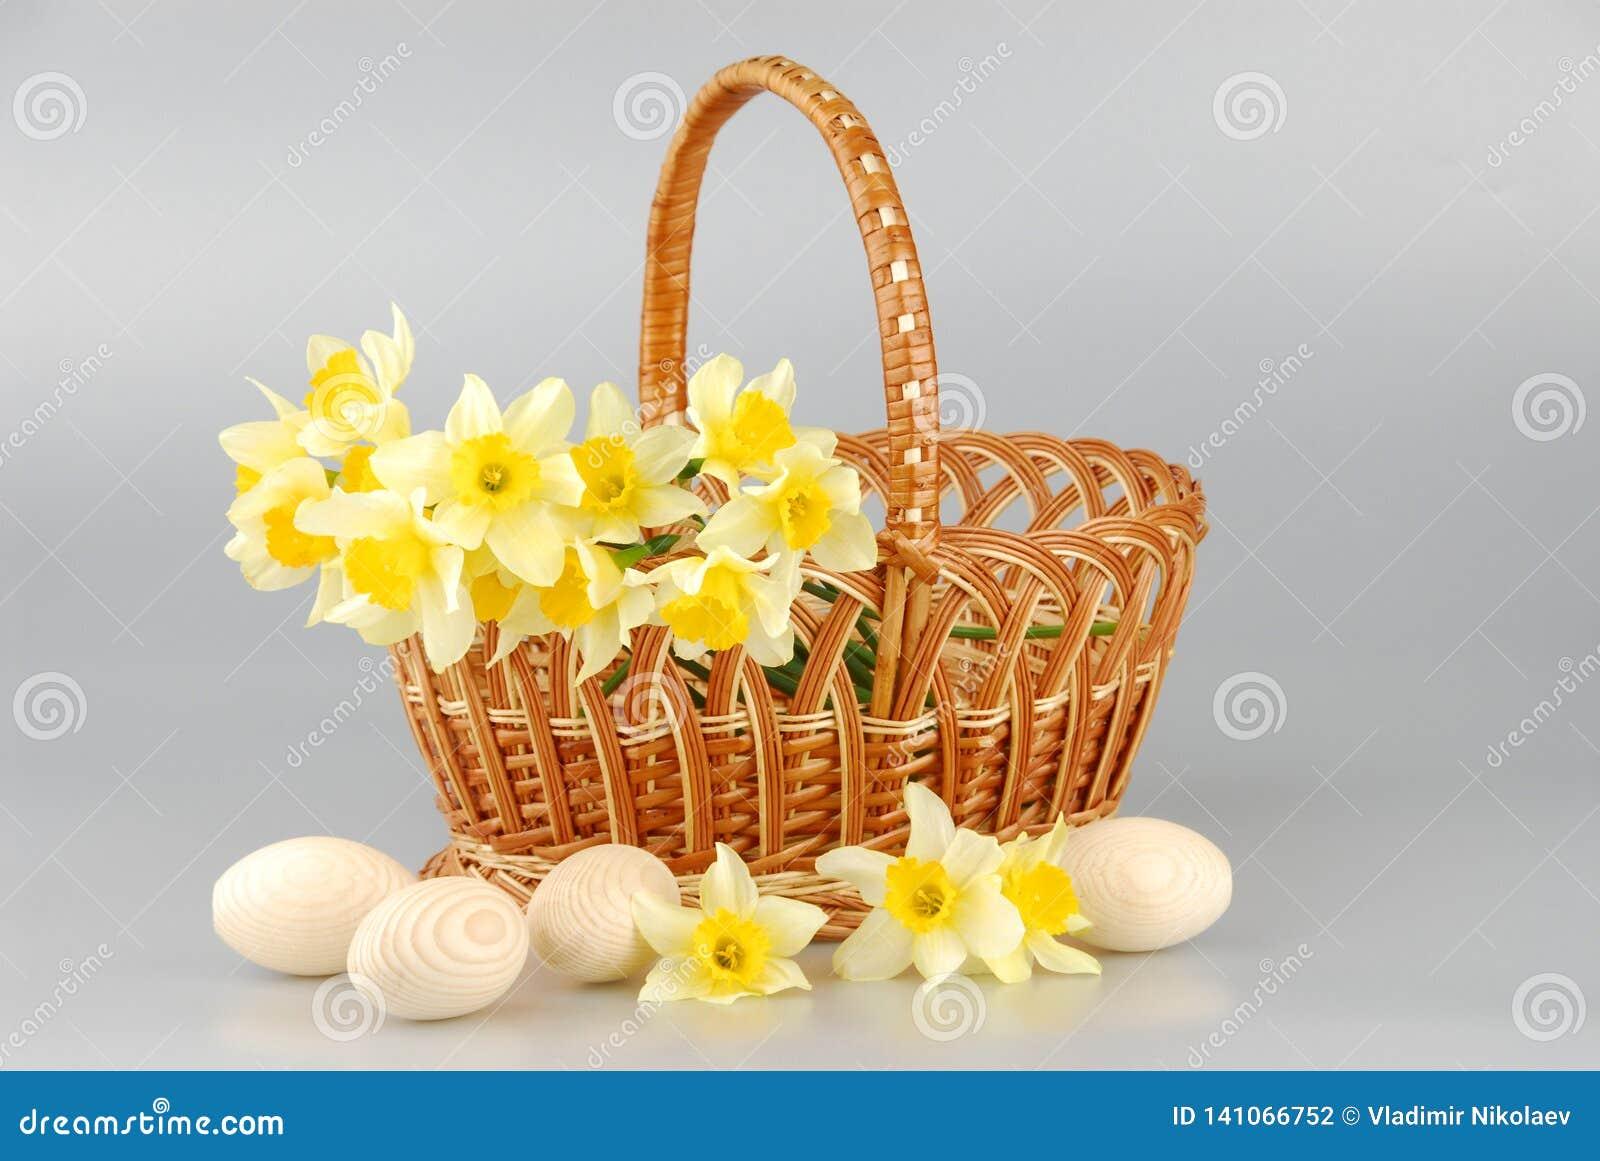 Корзина Narcissus, пасхальные яйца в корзине, женщины цветка narcissus весны желтые или день матерей